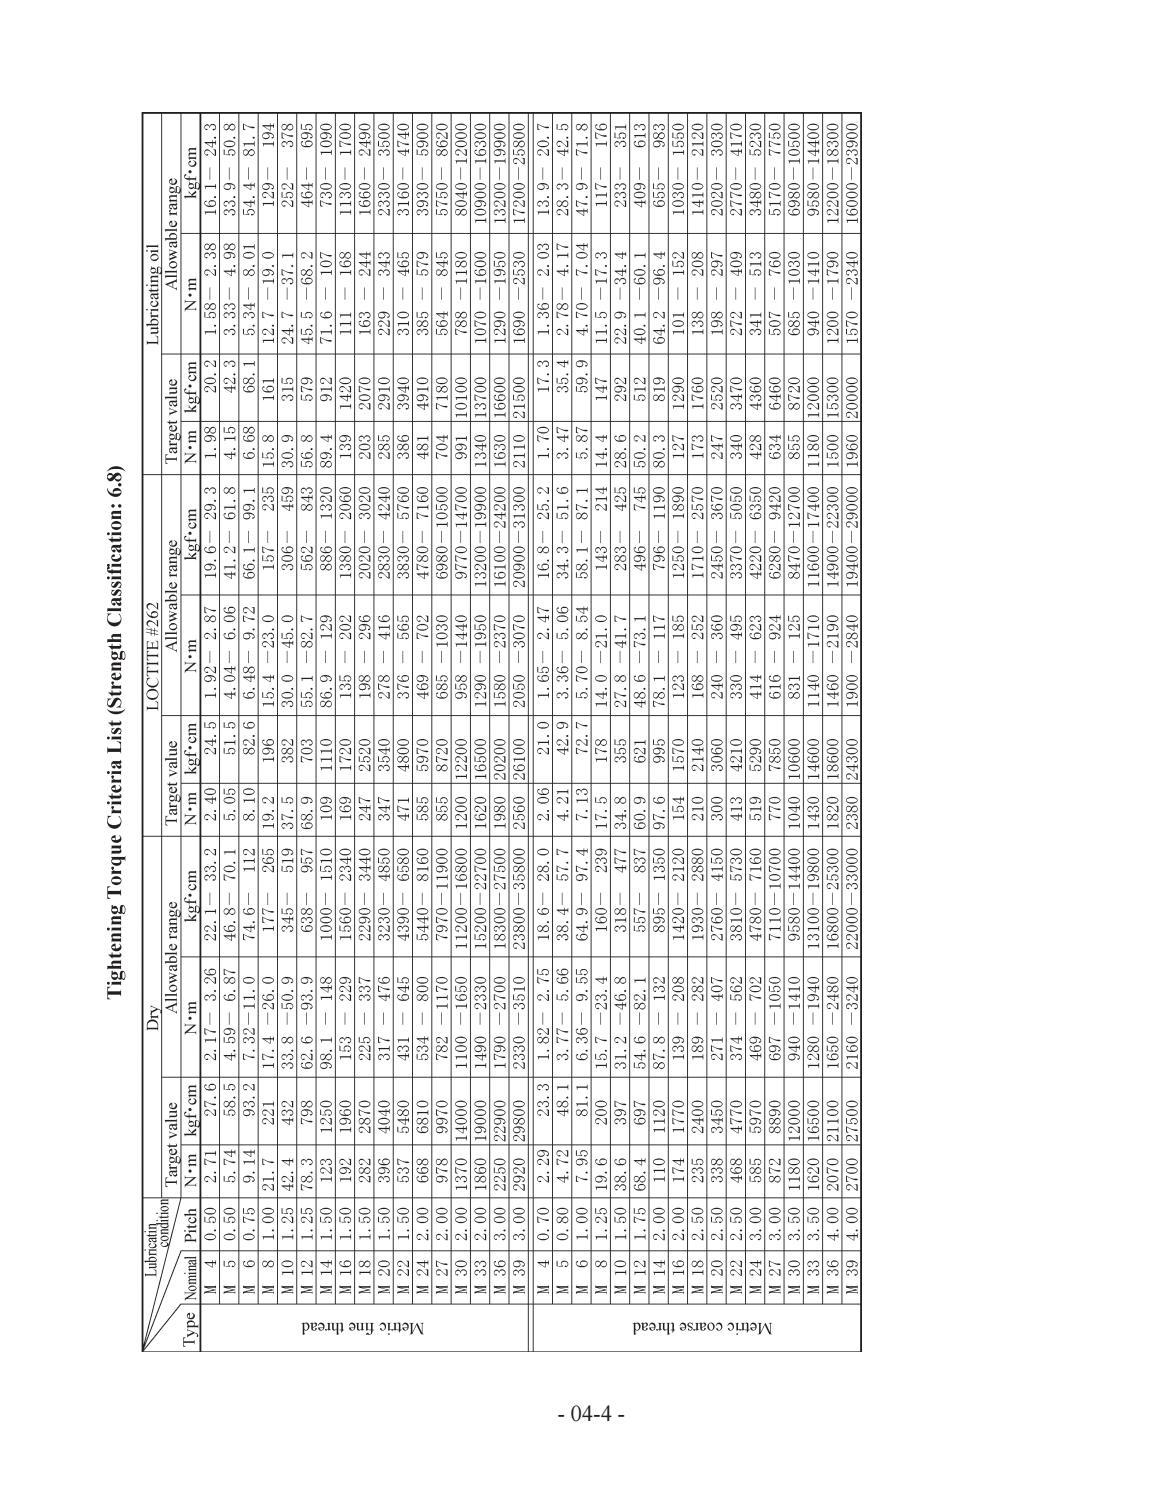 Hitachi LX110-7 LX130-7 LX160-7 LX190-7 LX230-7 Wheel Loader Workshop Manual - PDF DOWNLOAD page 19